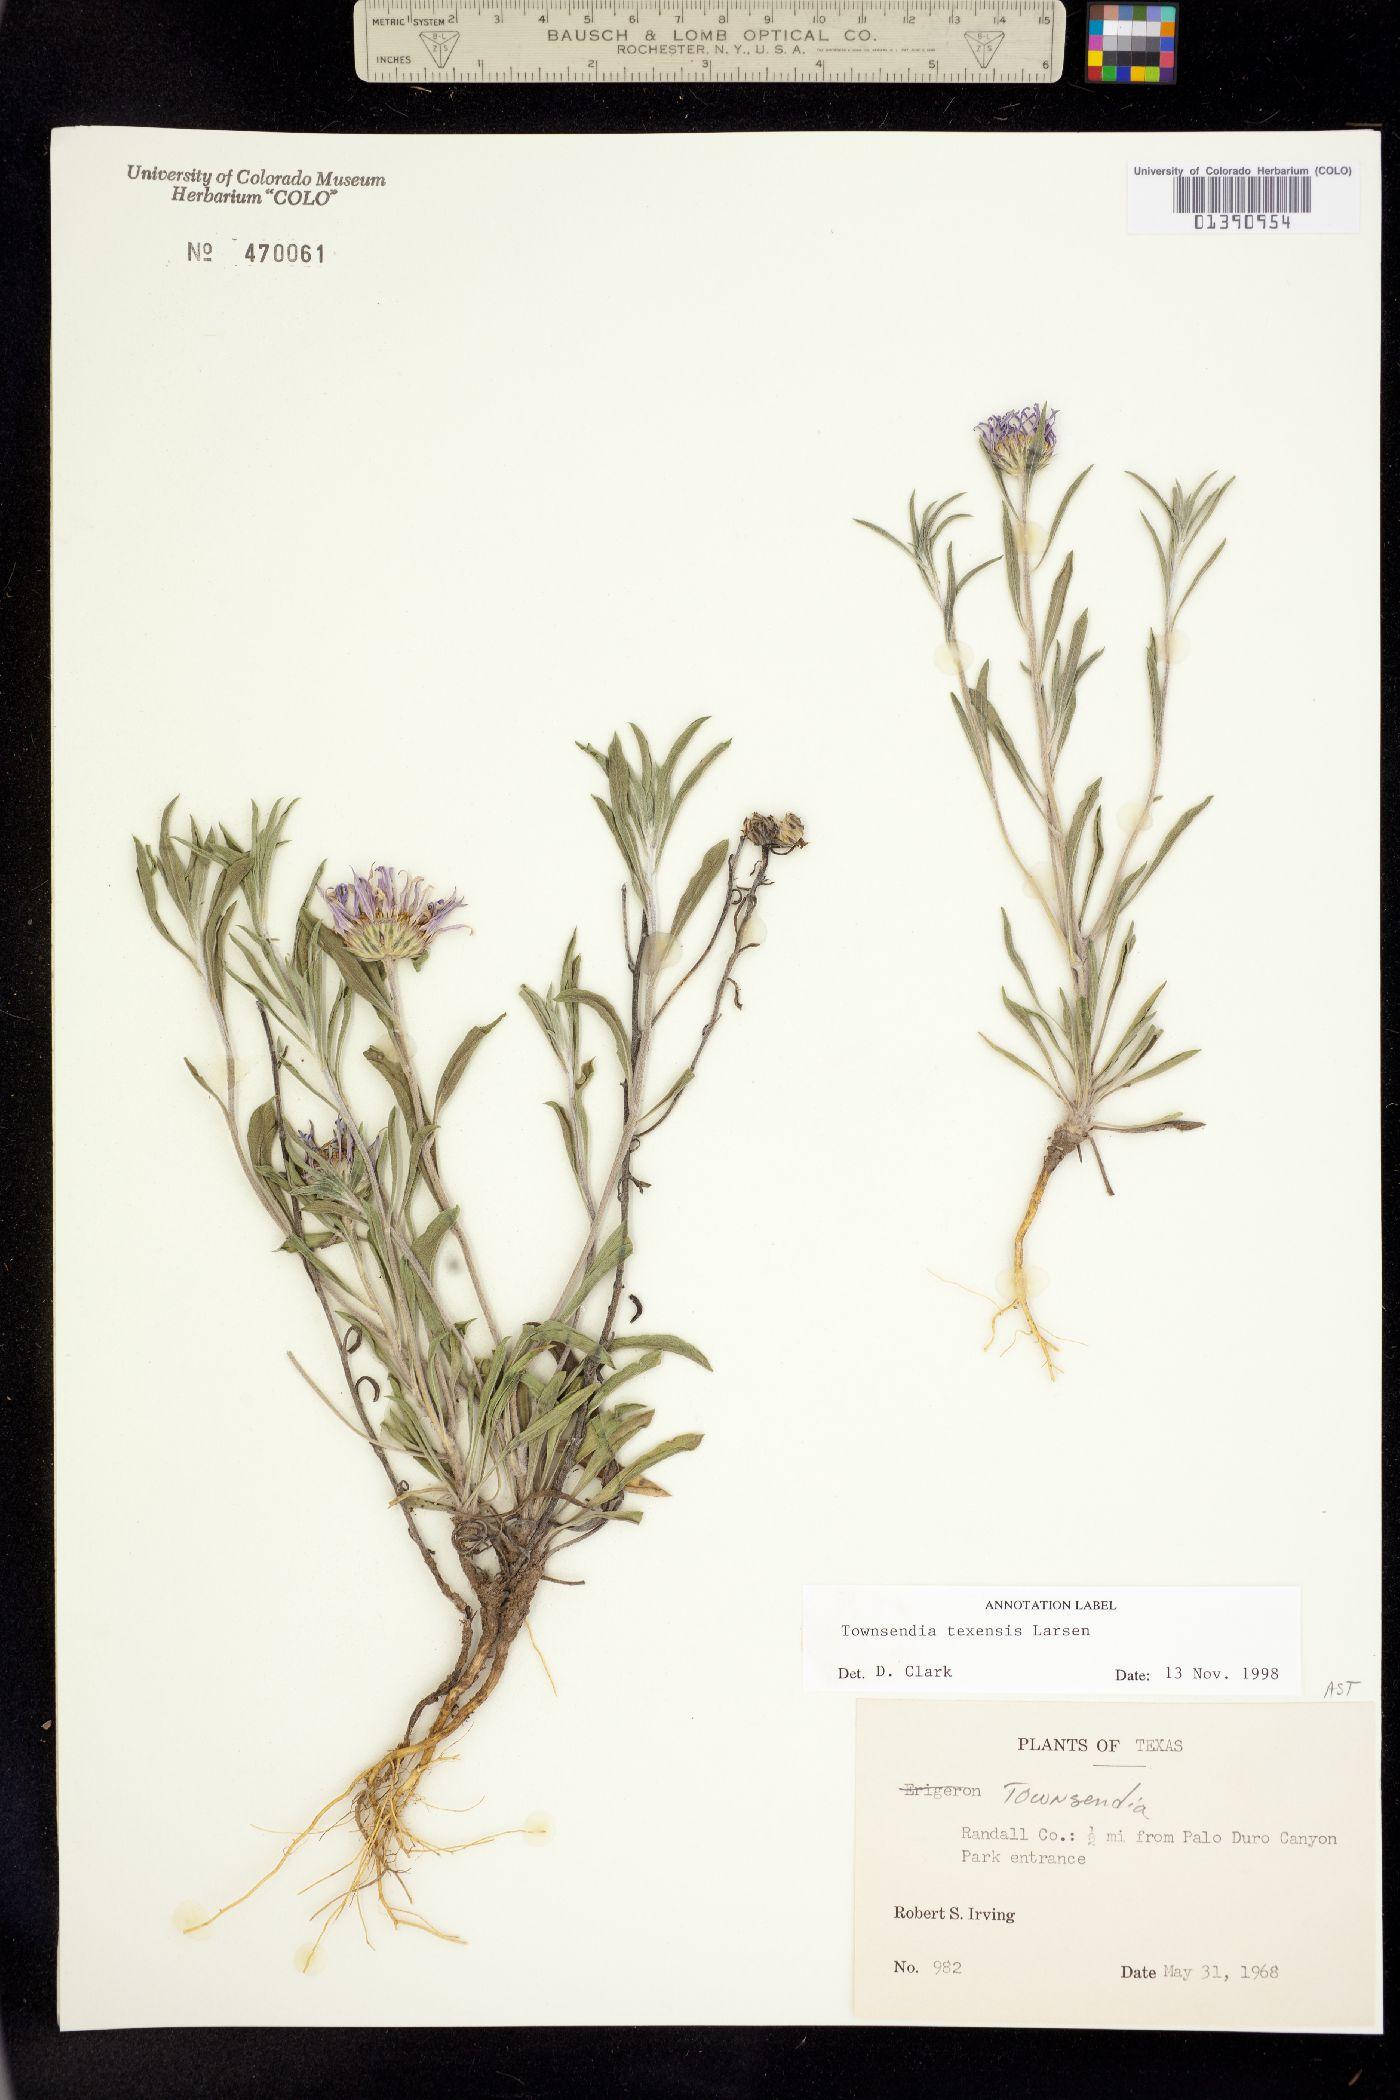 Townsendia texensis image